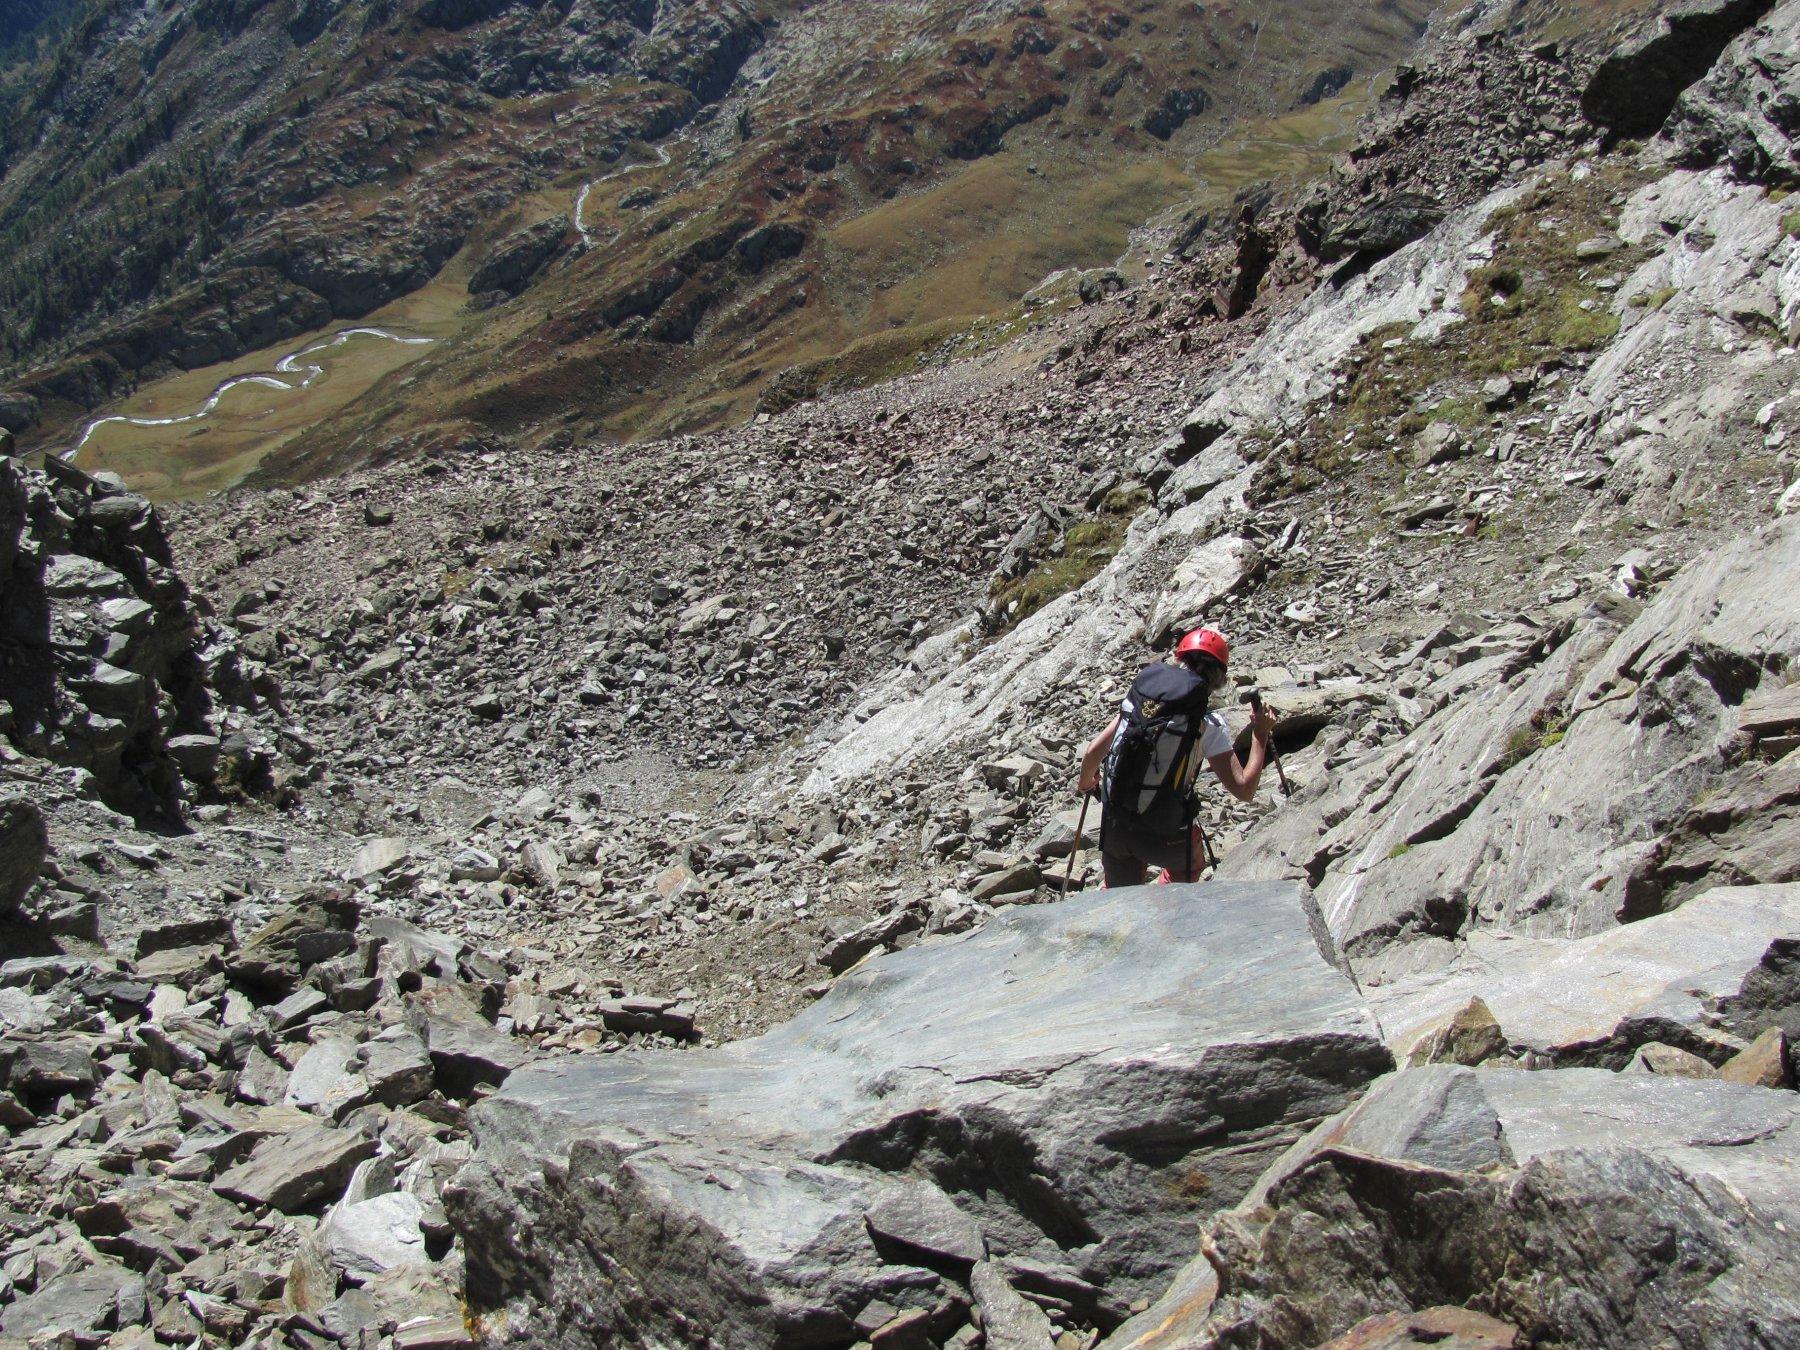 Insidiosi detriti sotto il Colle, in discesa. Il sentiero del ritorno è lungo il torrente che si vede al fondo.